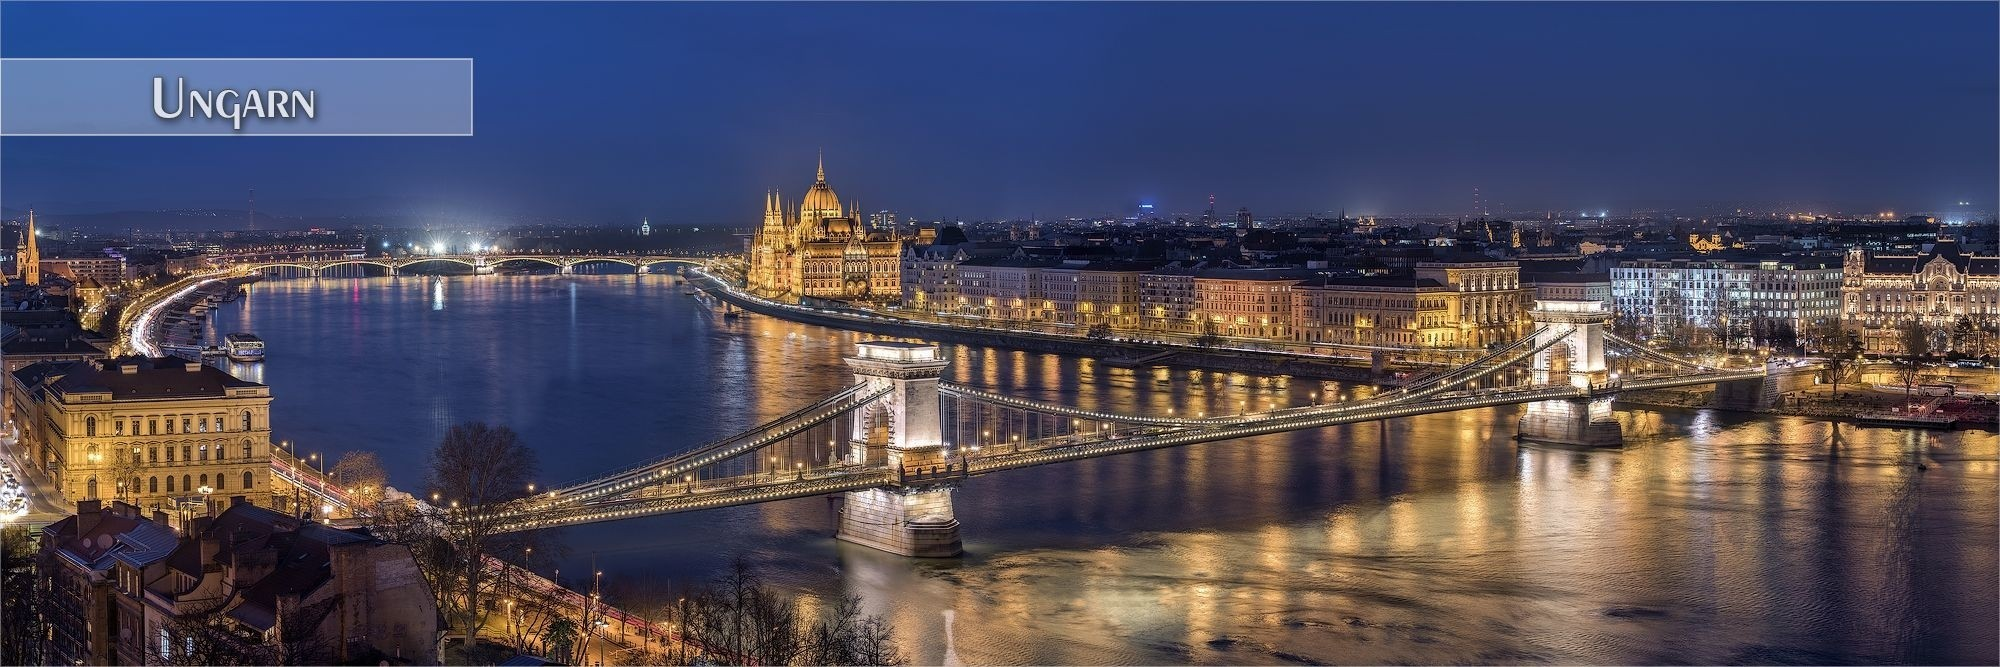 FineArt & Panoramafotografien aus Ungarn